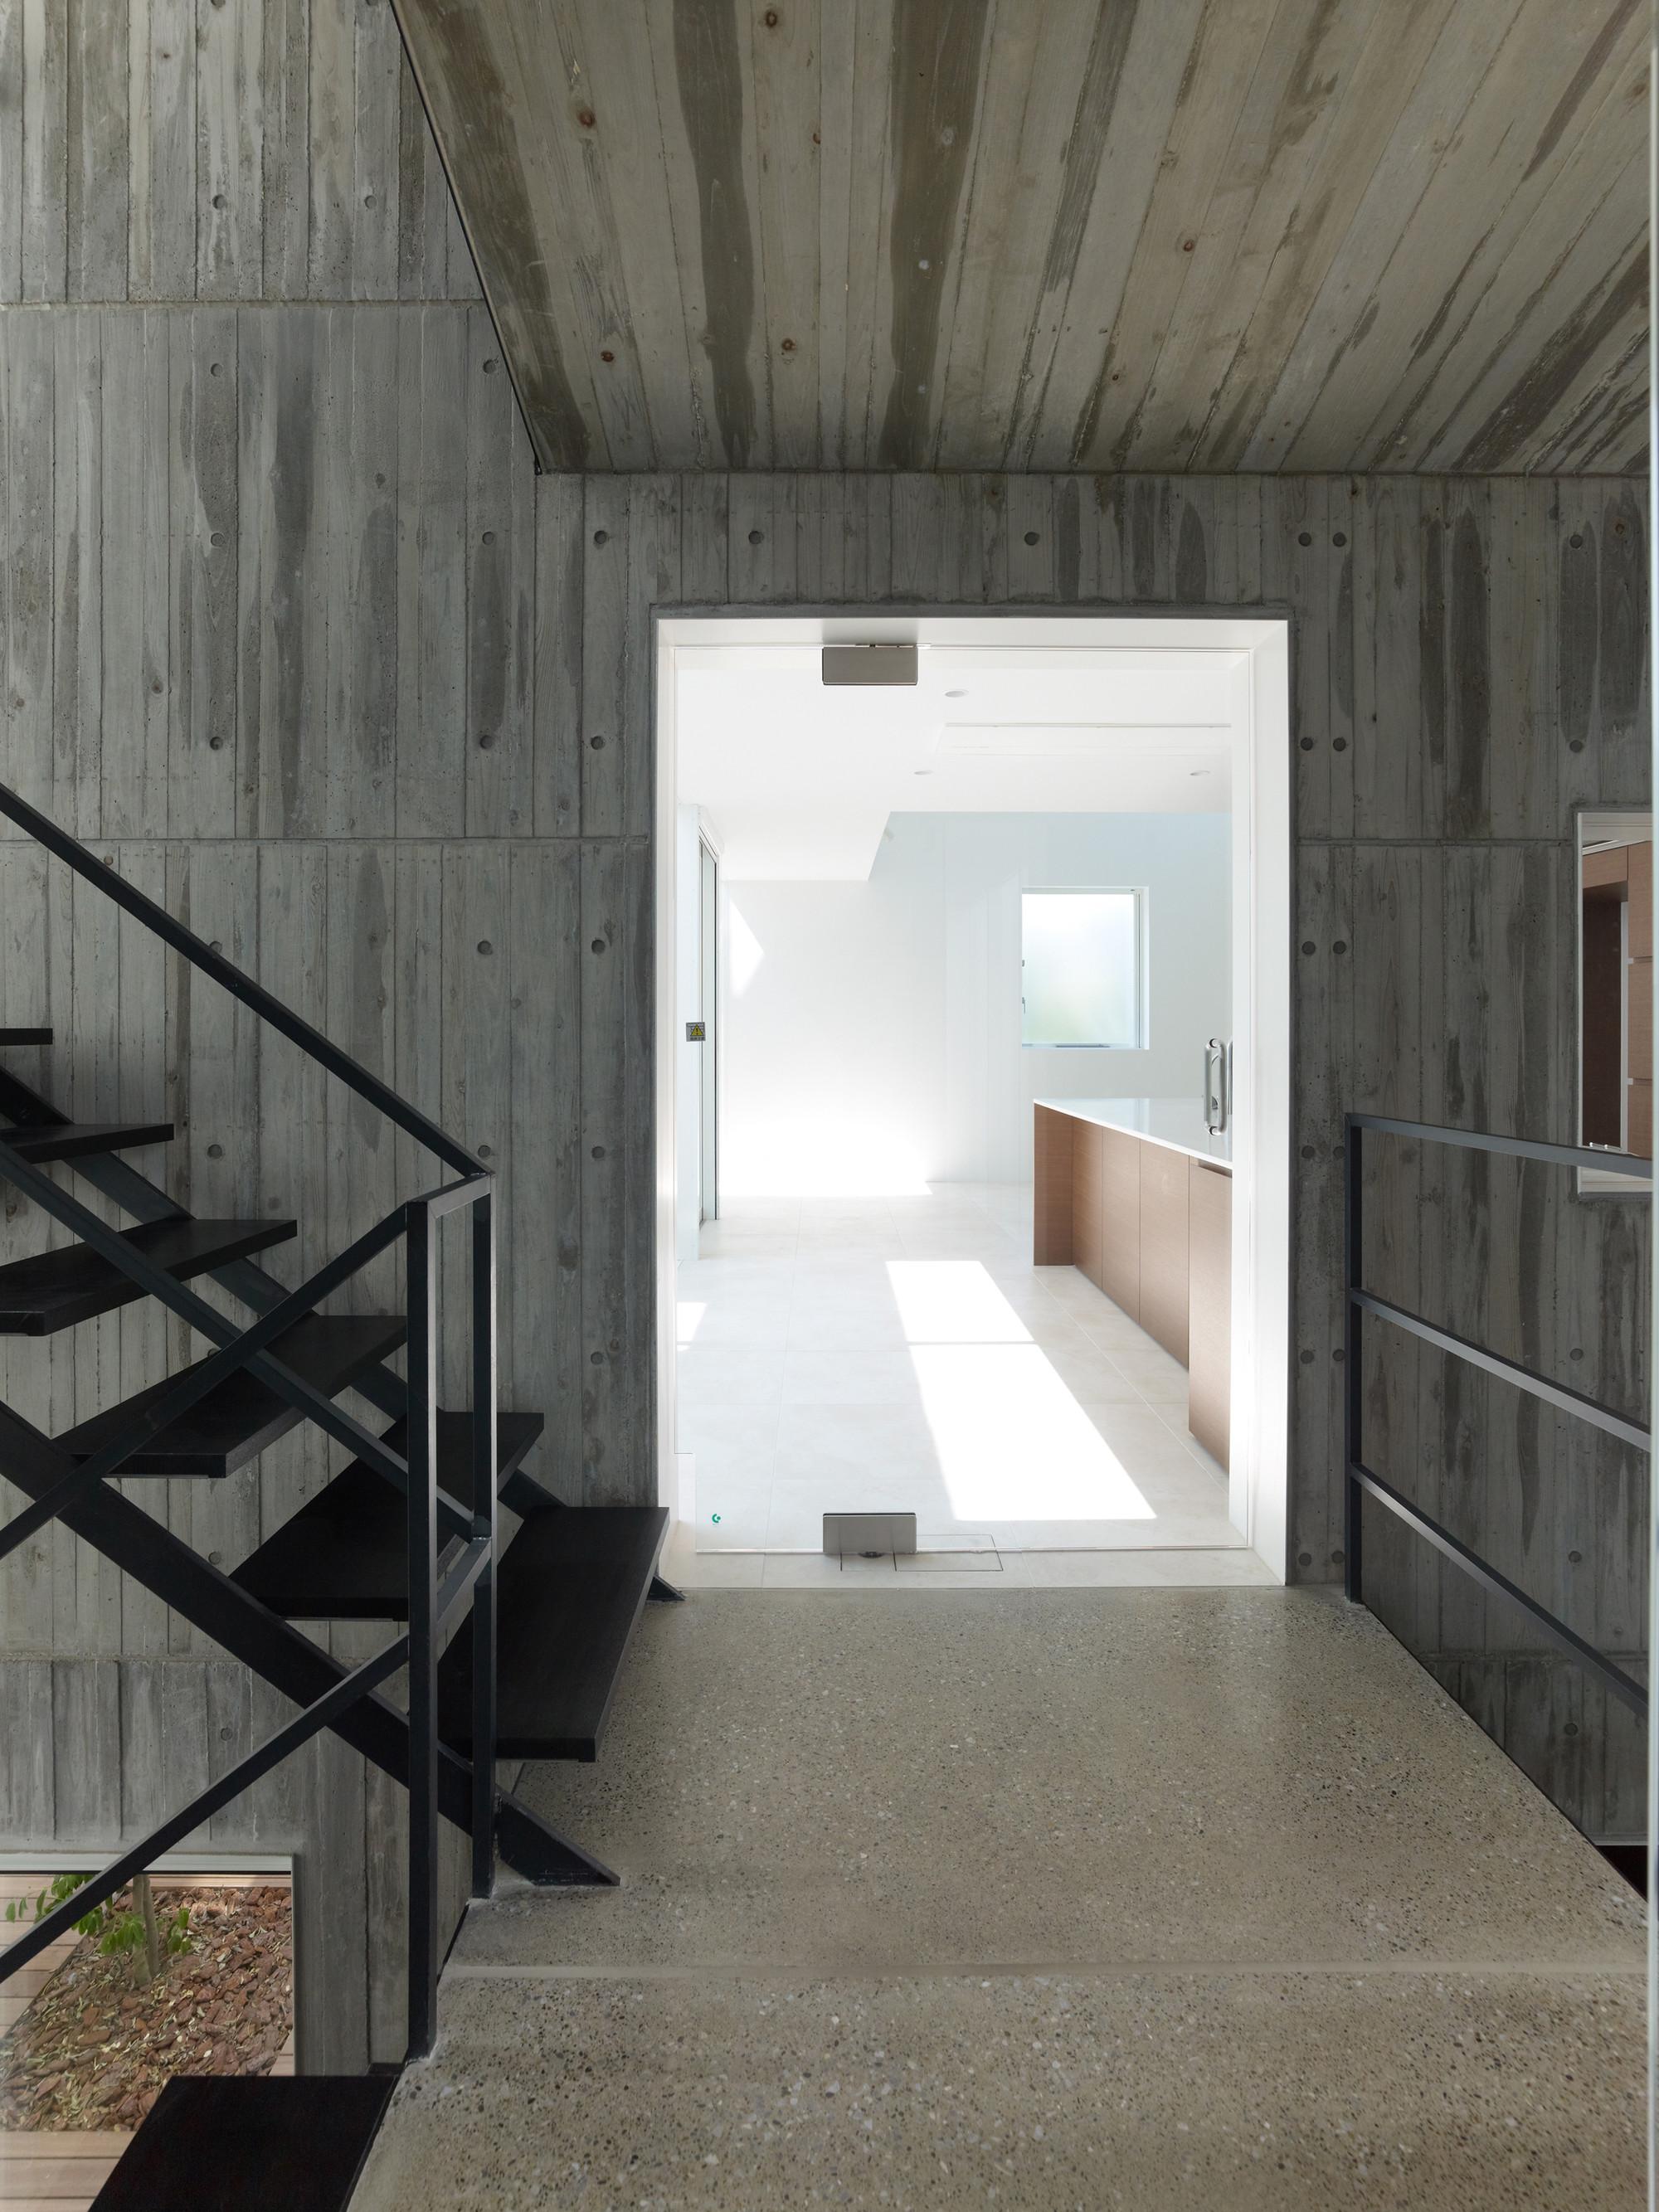 Takanawa House / Hiroyuki Ito + O.F.D.A.